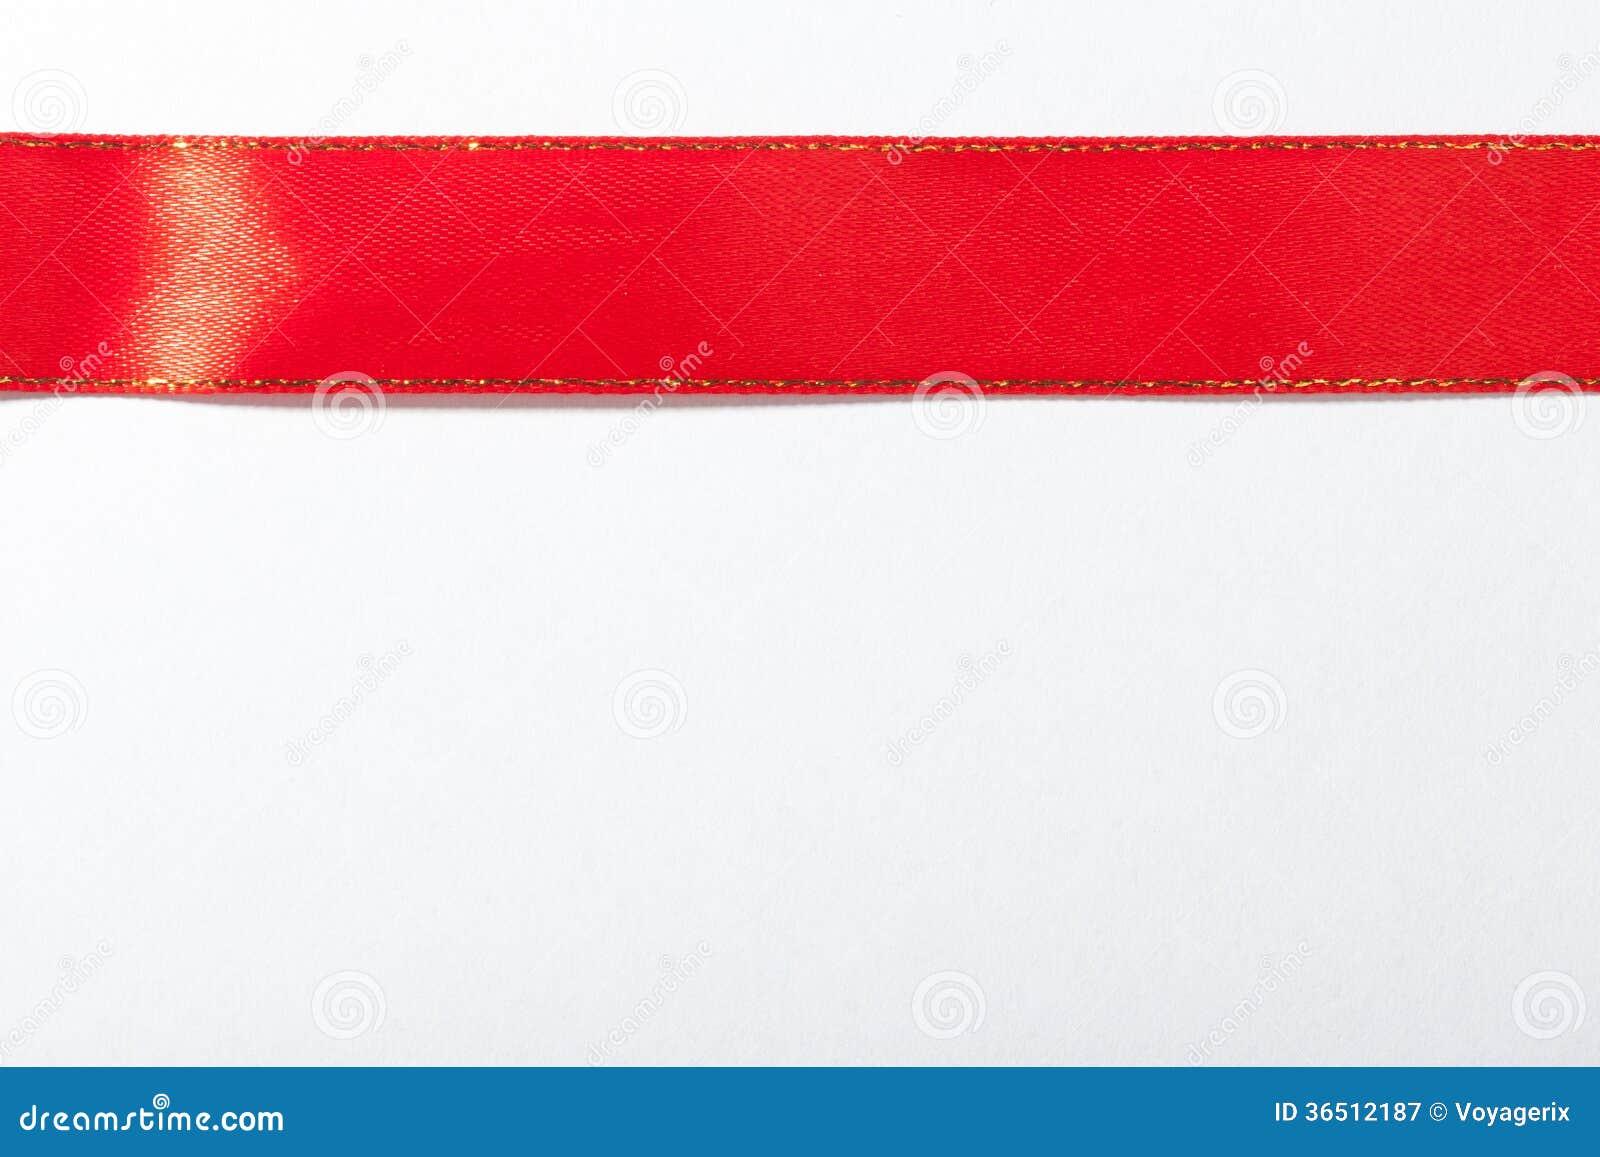 Ruban rouge brillant sur le fond blanc avec l espace de copie.